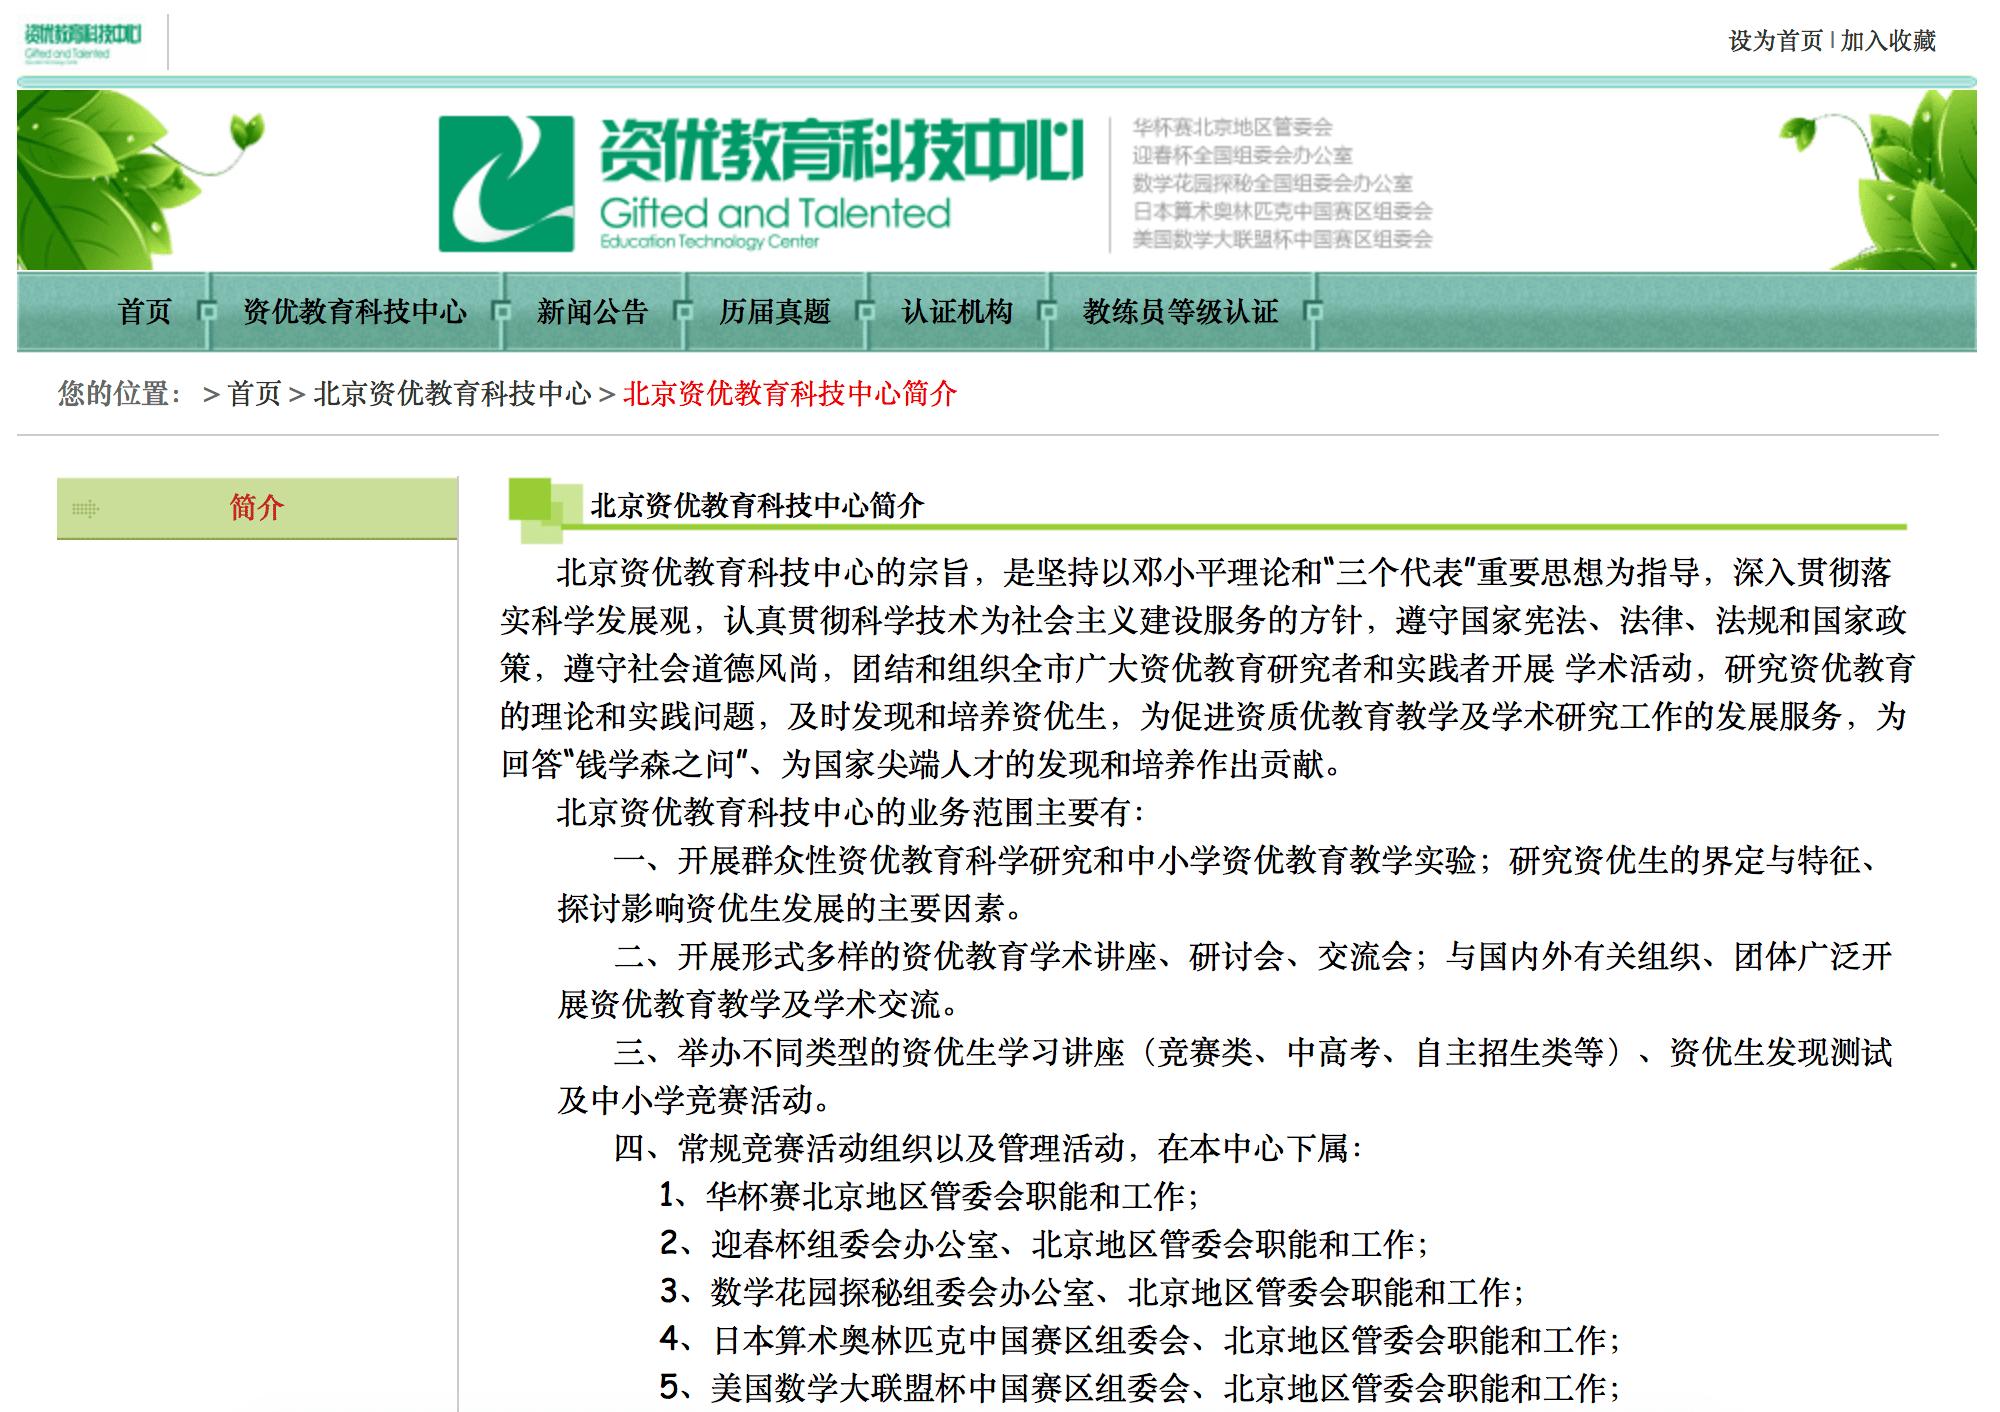 """奥数杯赛""""归来"""":竞赛变""""研学"""",答题成""""闯关"""""""